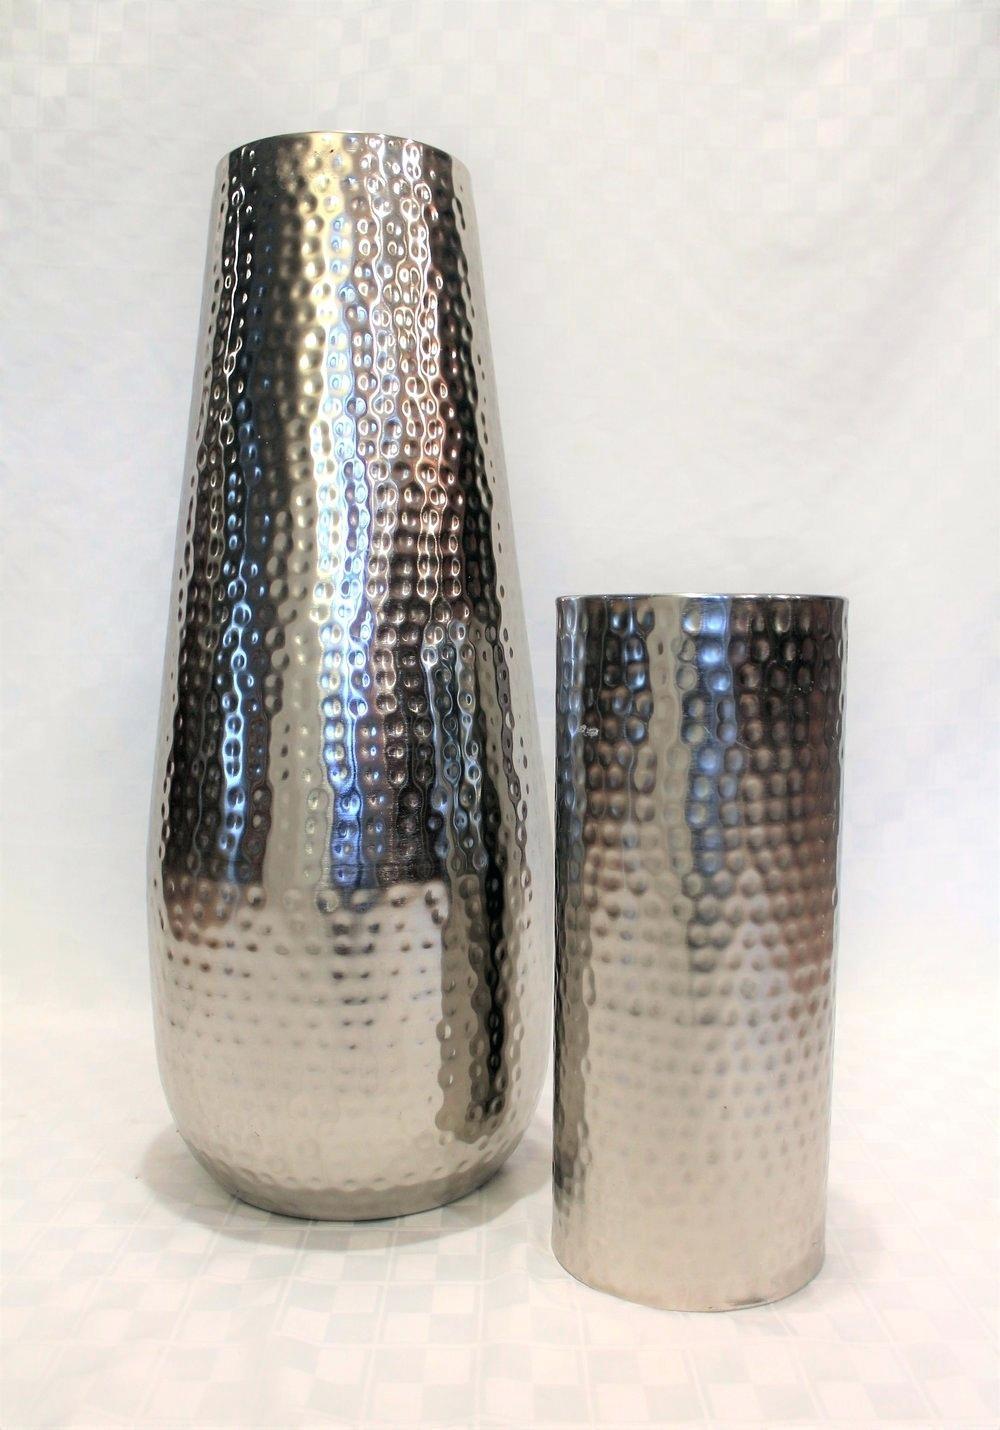 cemetery flower vases wholesale of silver vases wholesale pandoraocharms us within silver vases wholesale glass bulk tall flower fl org